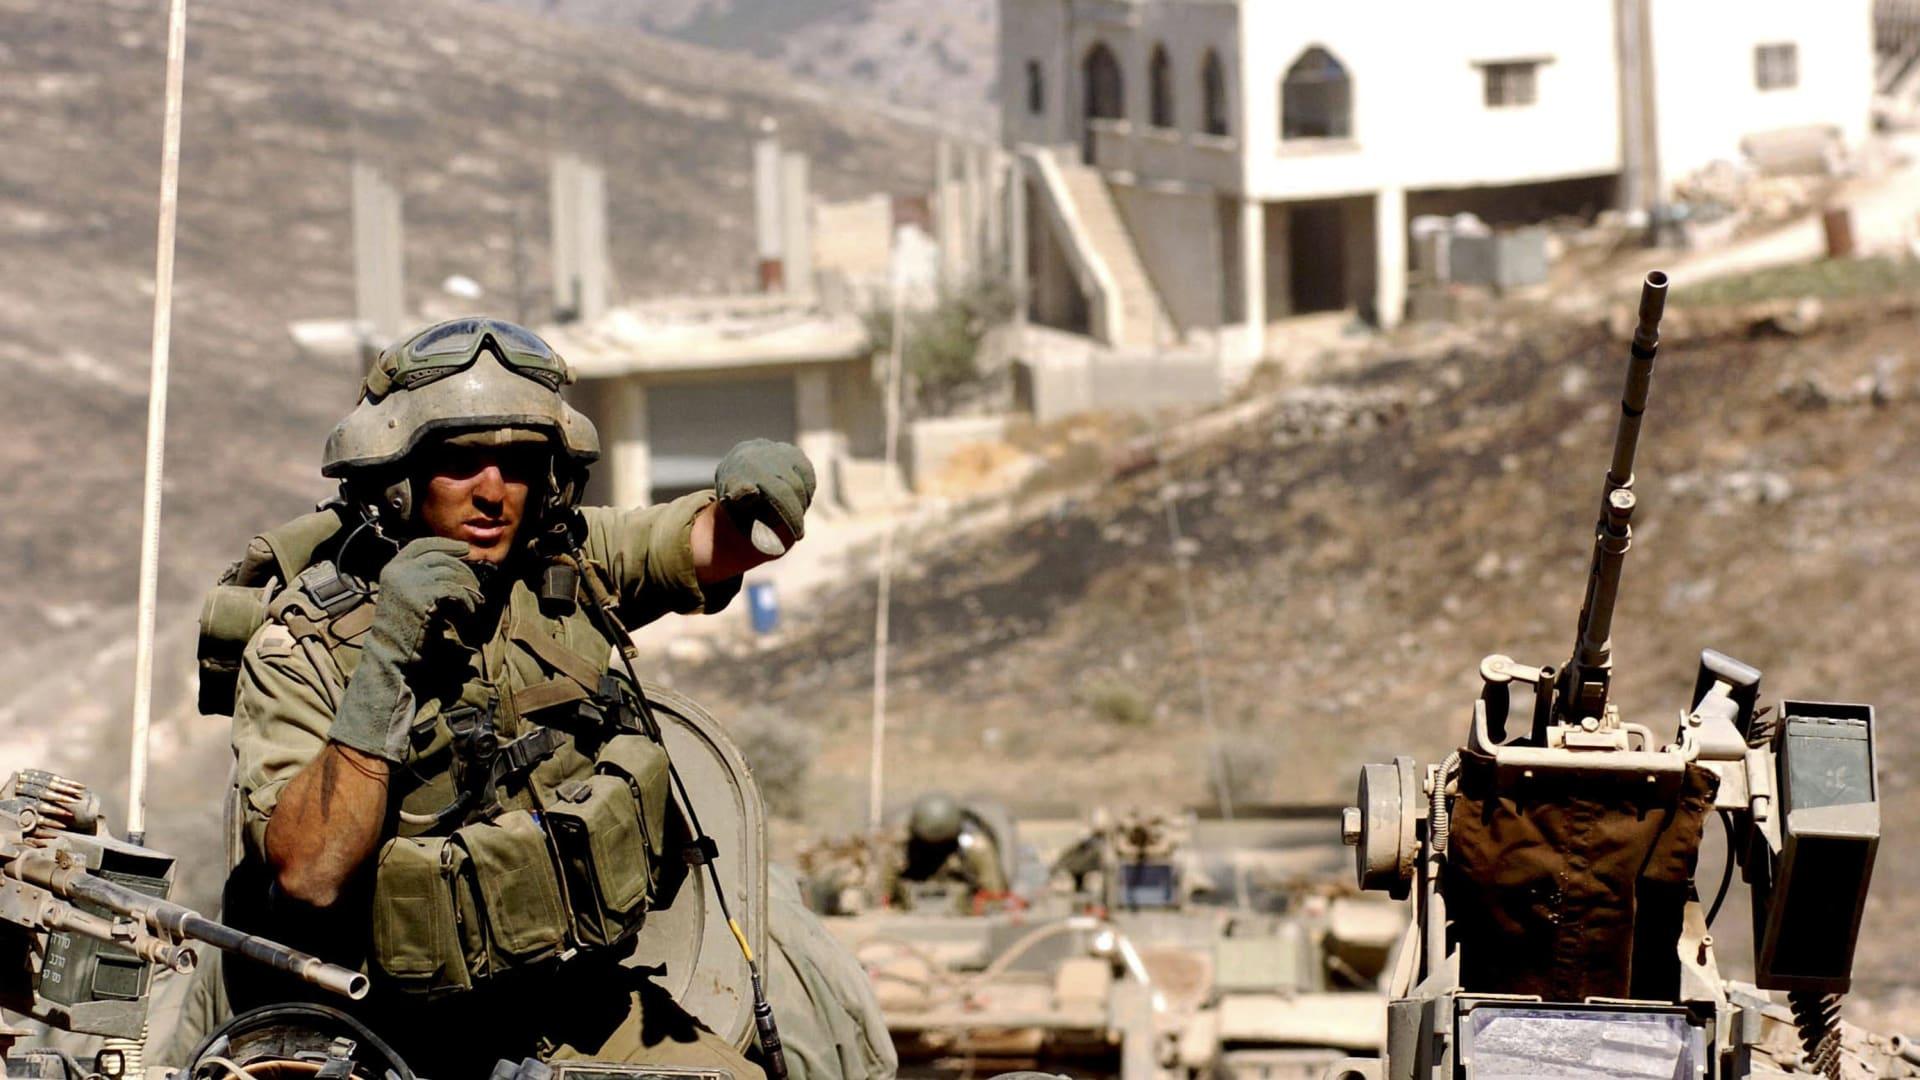 الجيش الإسرائيلي: إحباط عملية تهريب أسلحة من غور الأردن